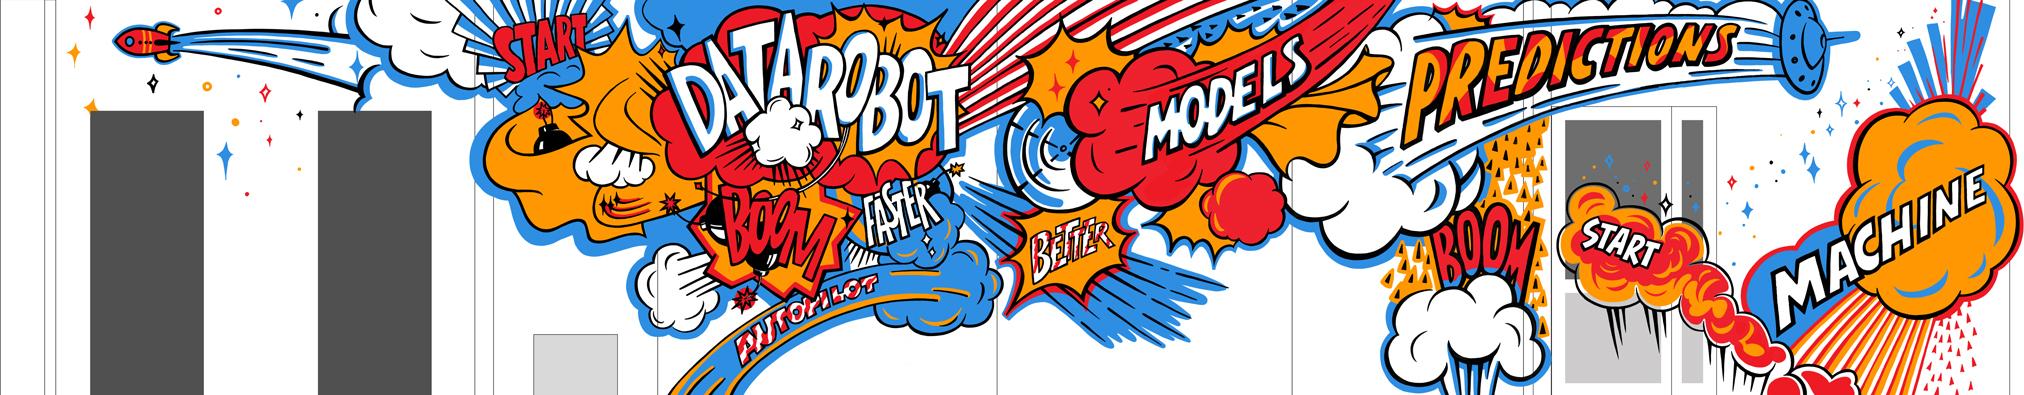 WALL_Data-robot_1